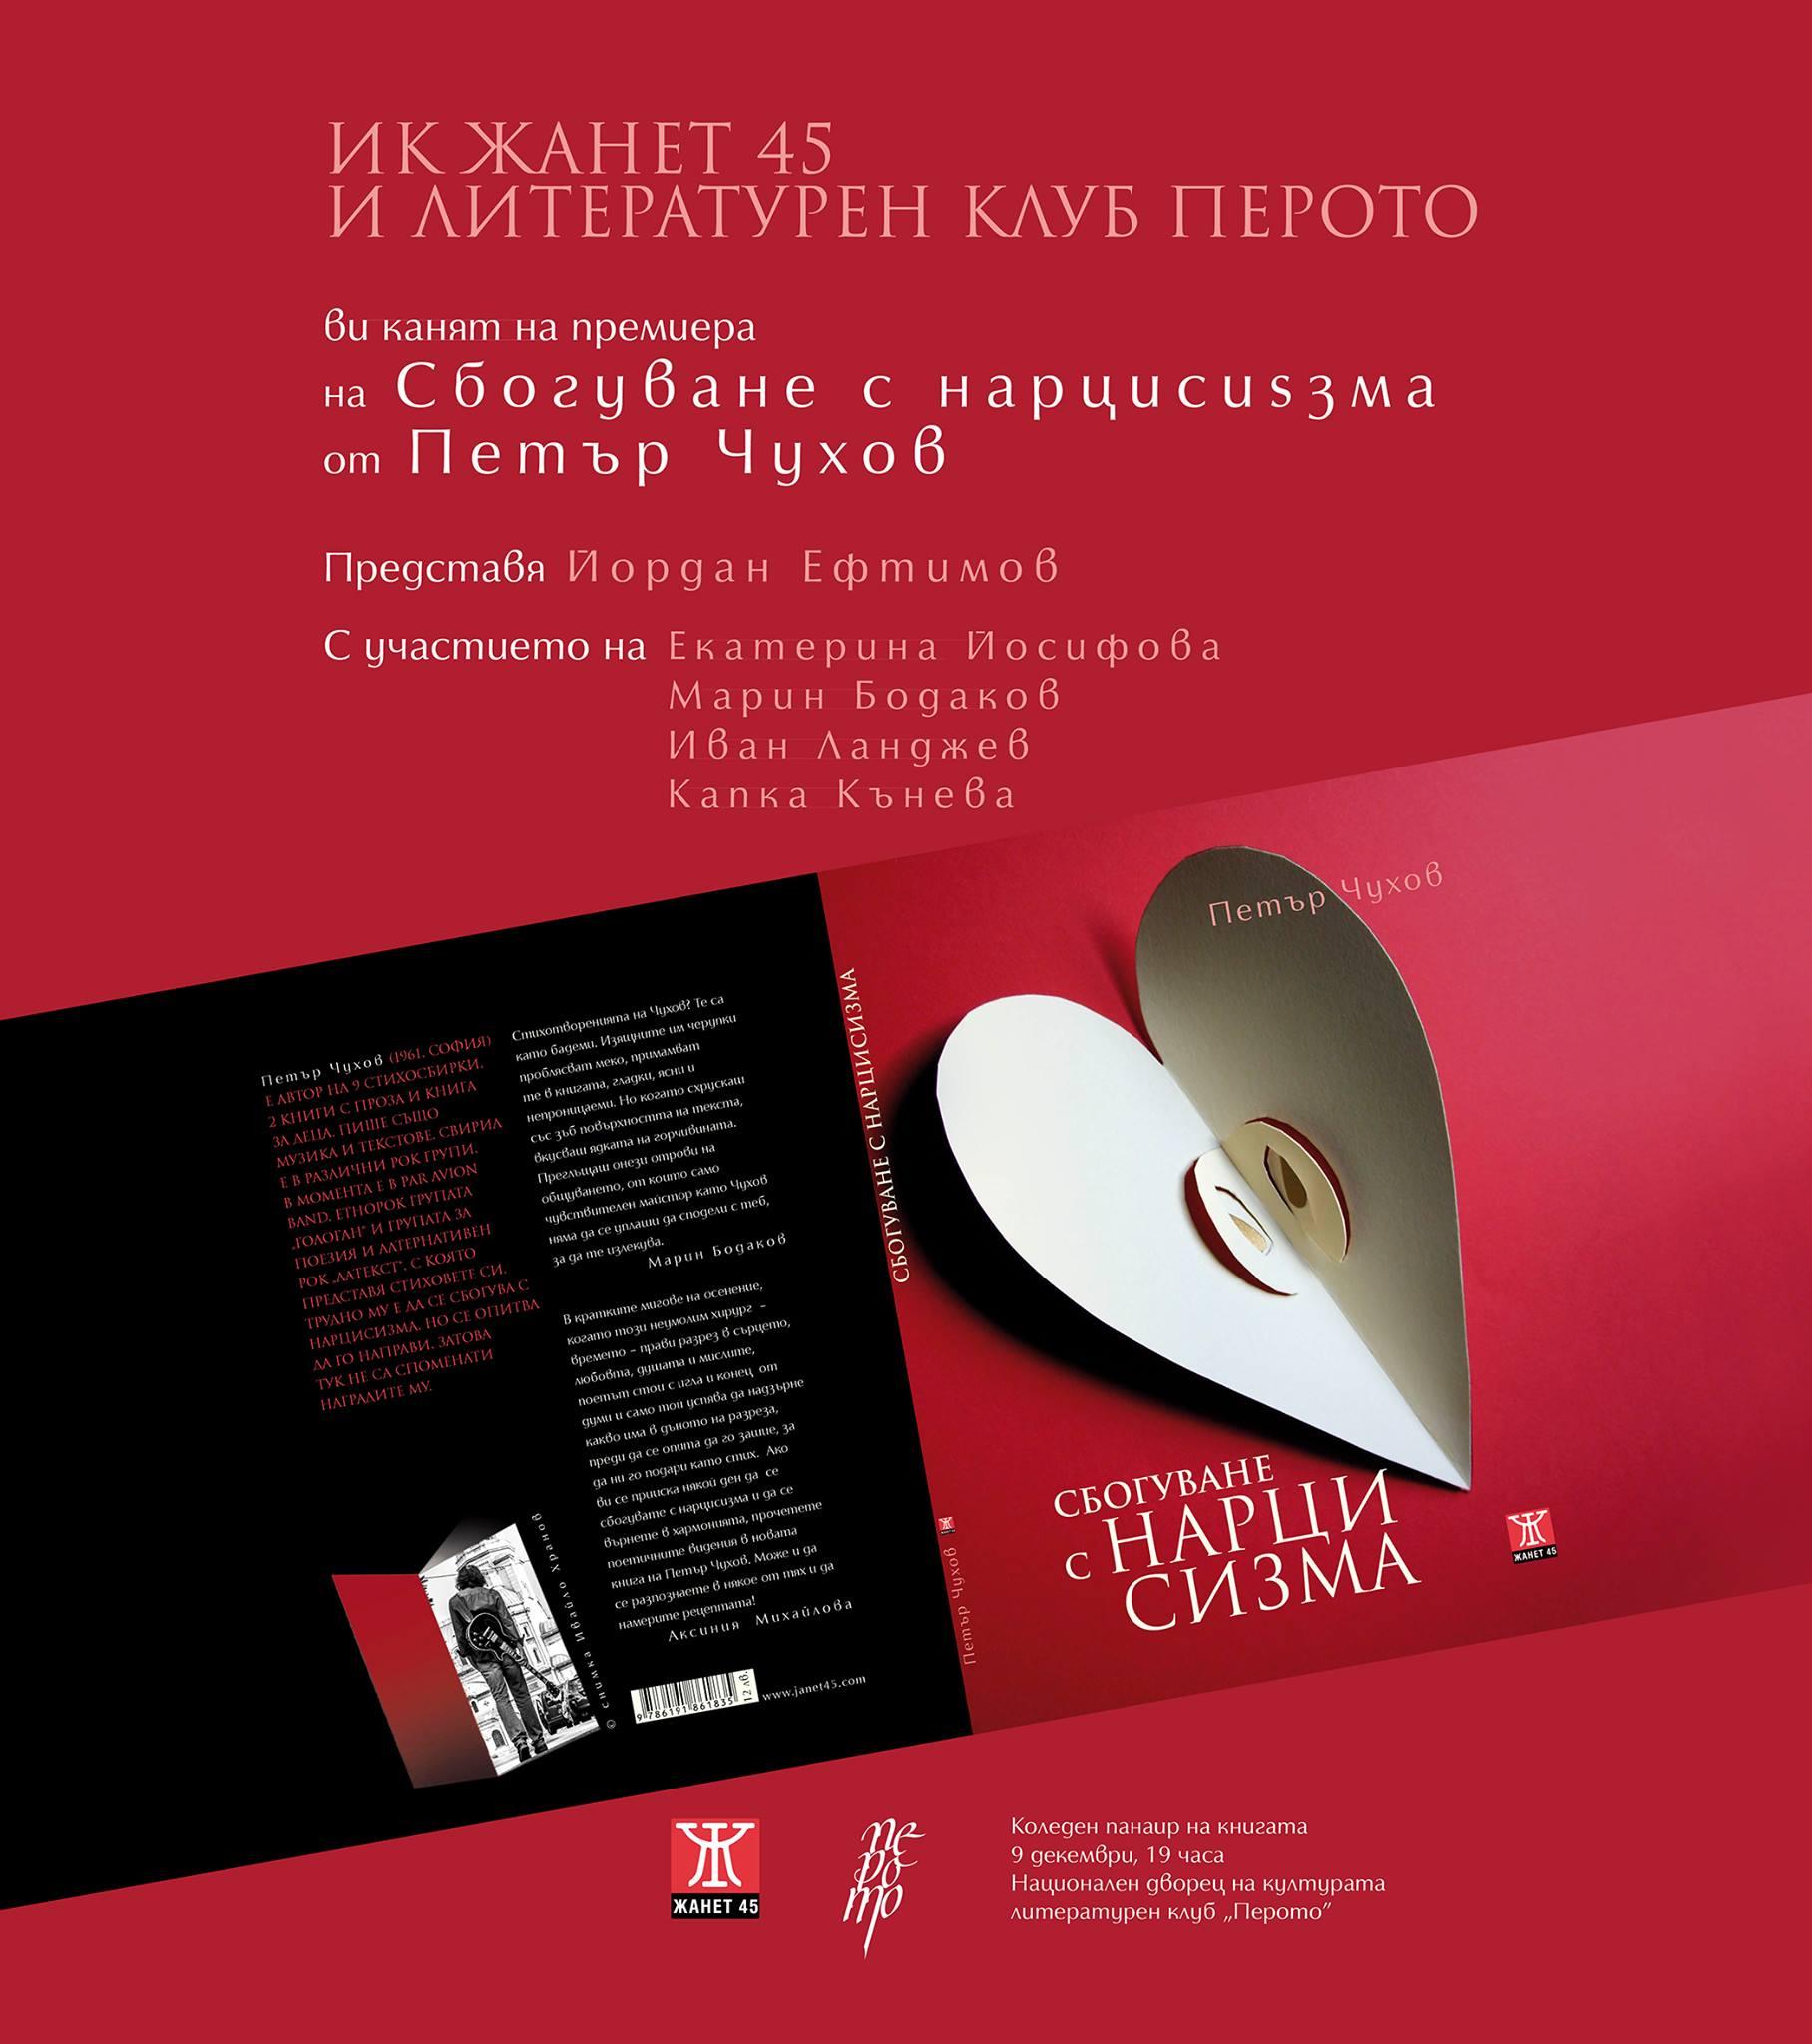 """Среща с писателя Петър Чухов и представяне на книгите му """"Камуфлаж"""" и """"Сбогуване с нарцисизма"""" в Русе"""